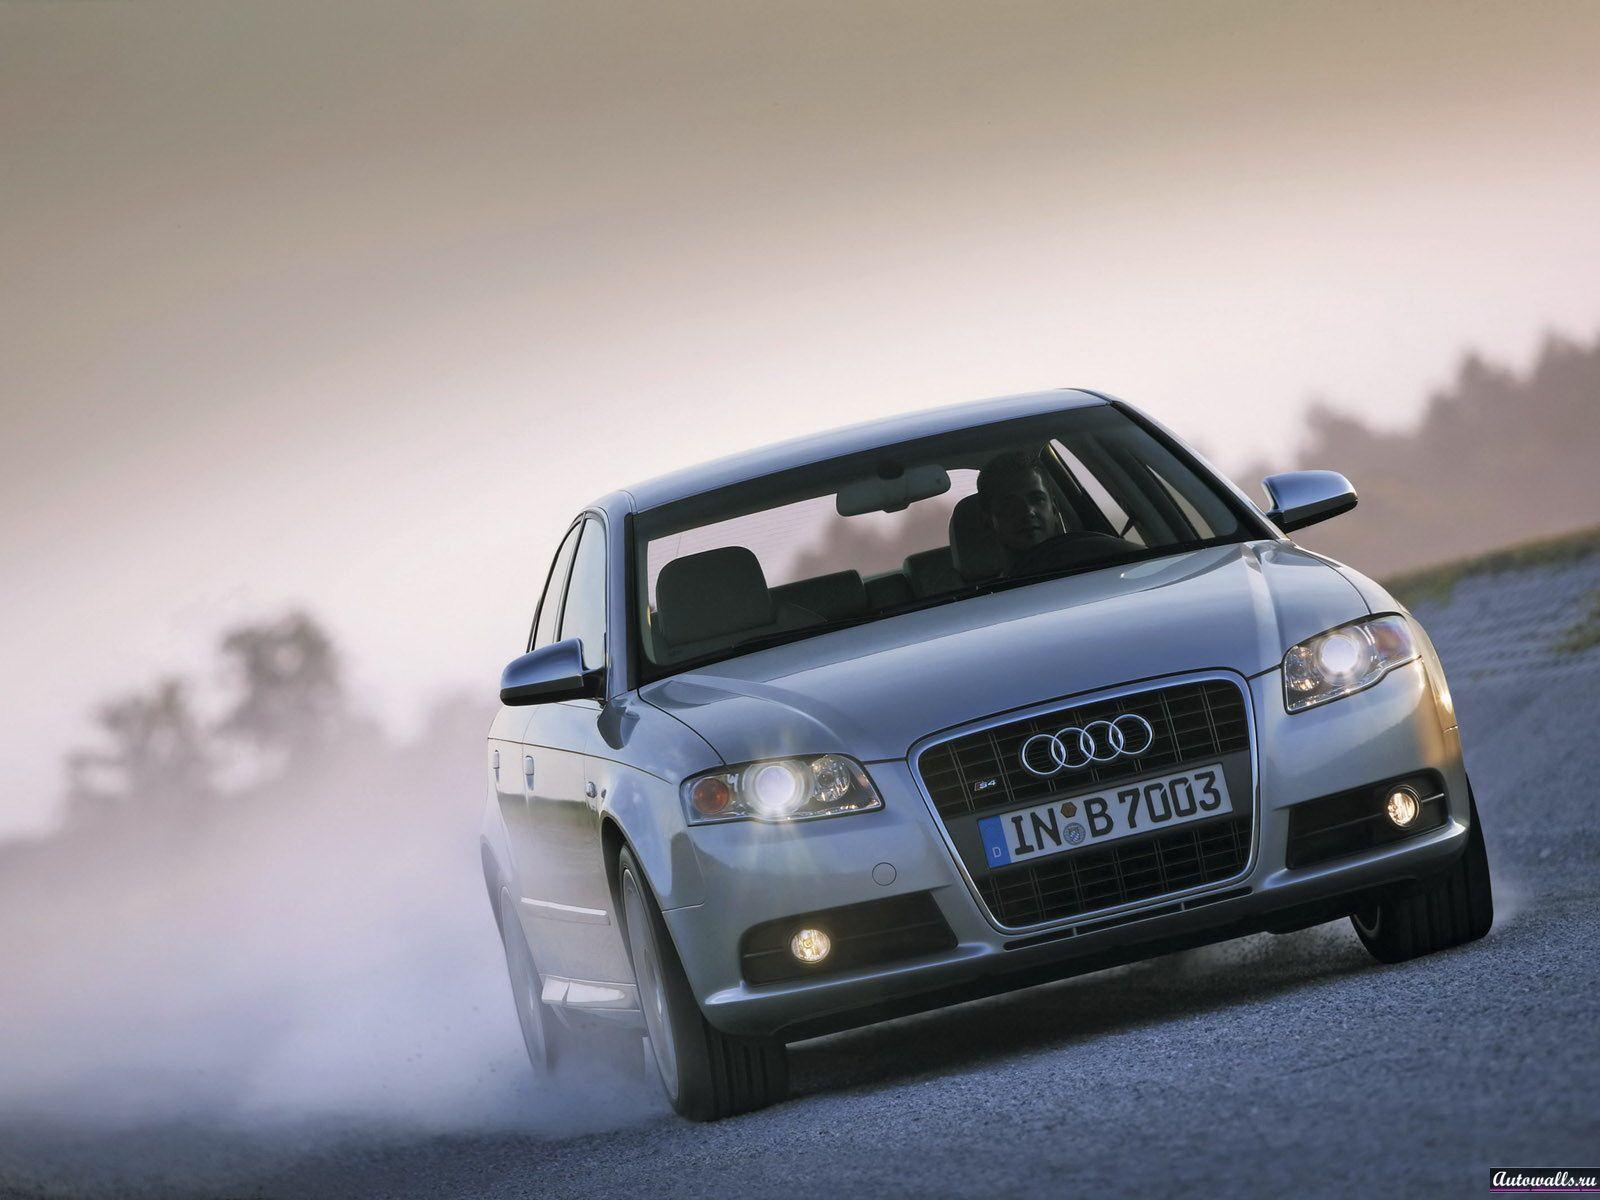 Скачать обои Audi S4 (Скорость, Шлейф, Audi S4, Ауди S4) для рабочего